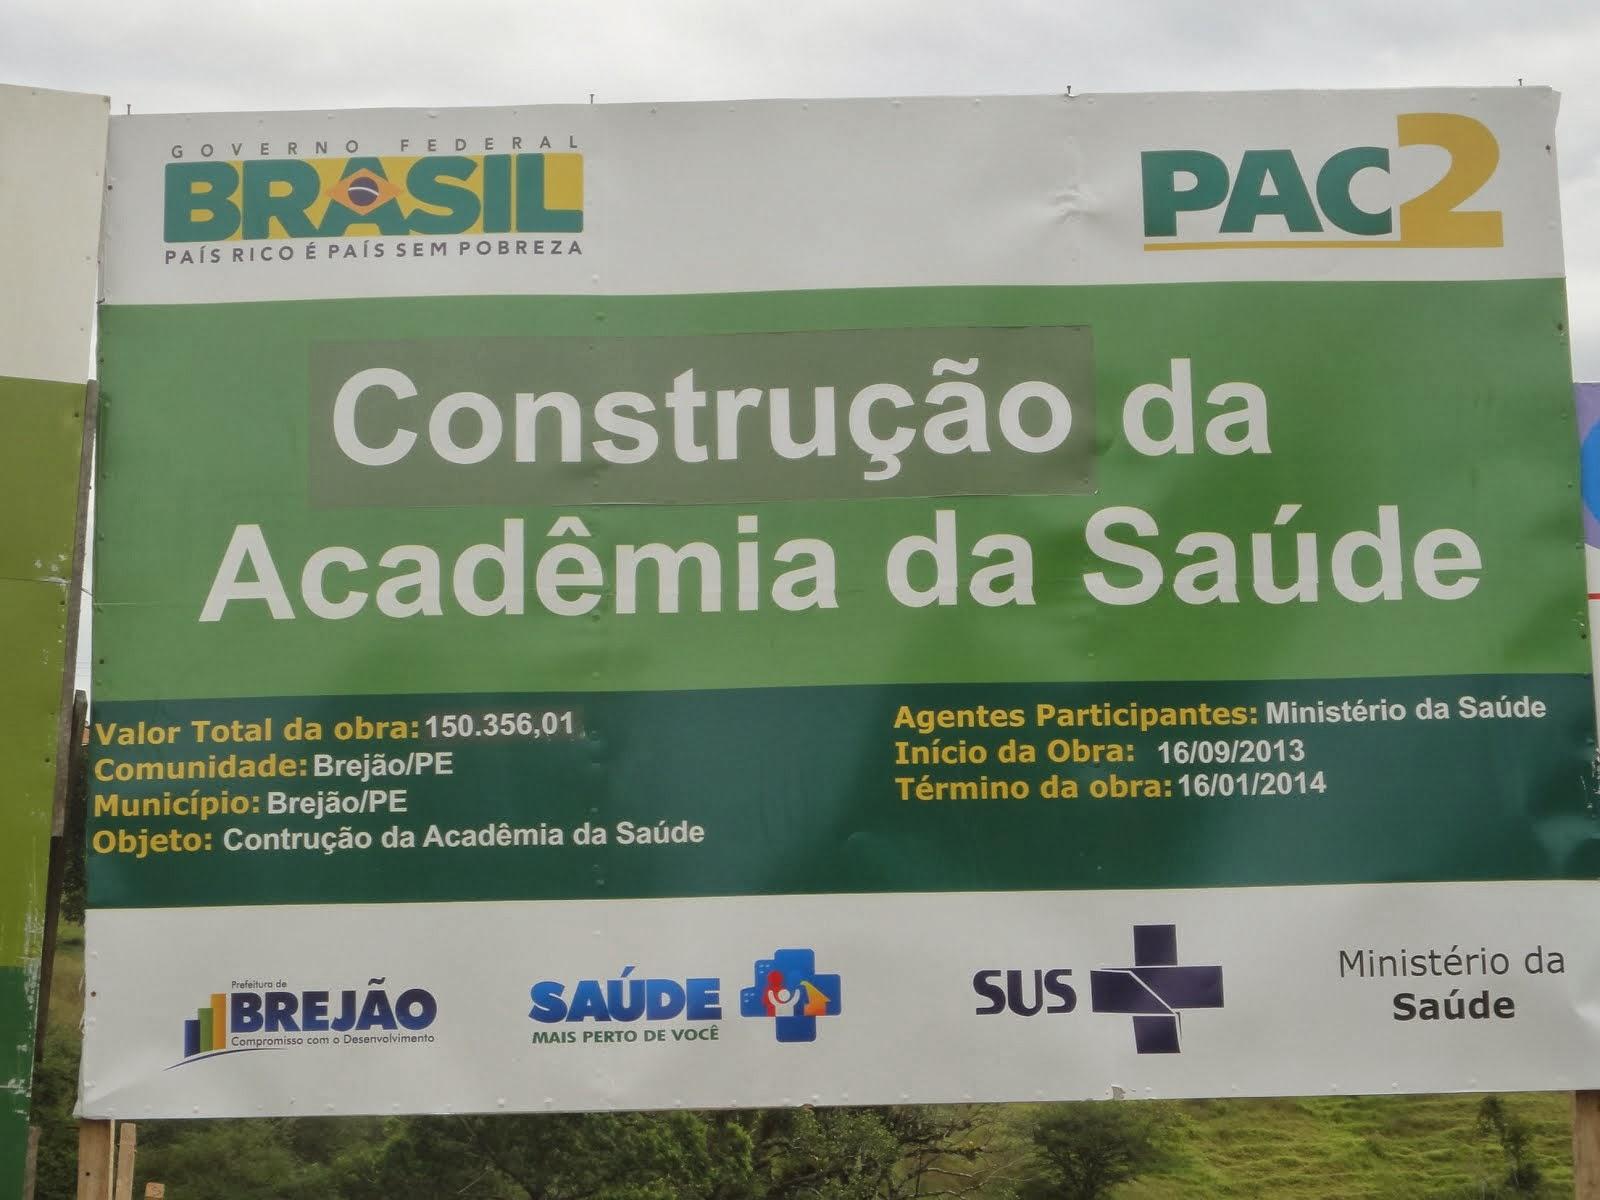 Construção da Academia da Saúde